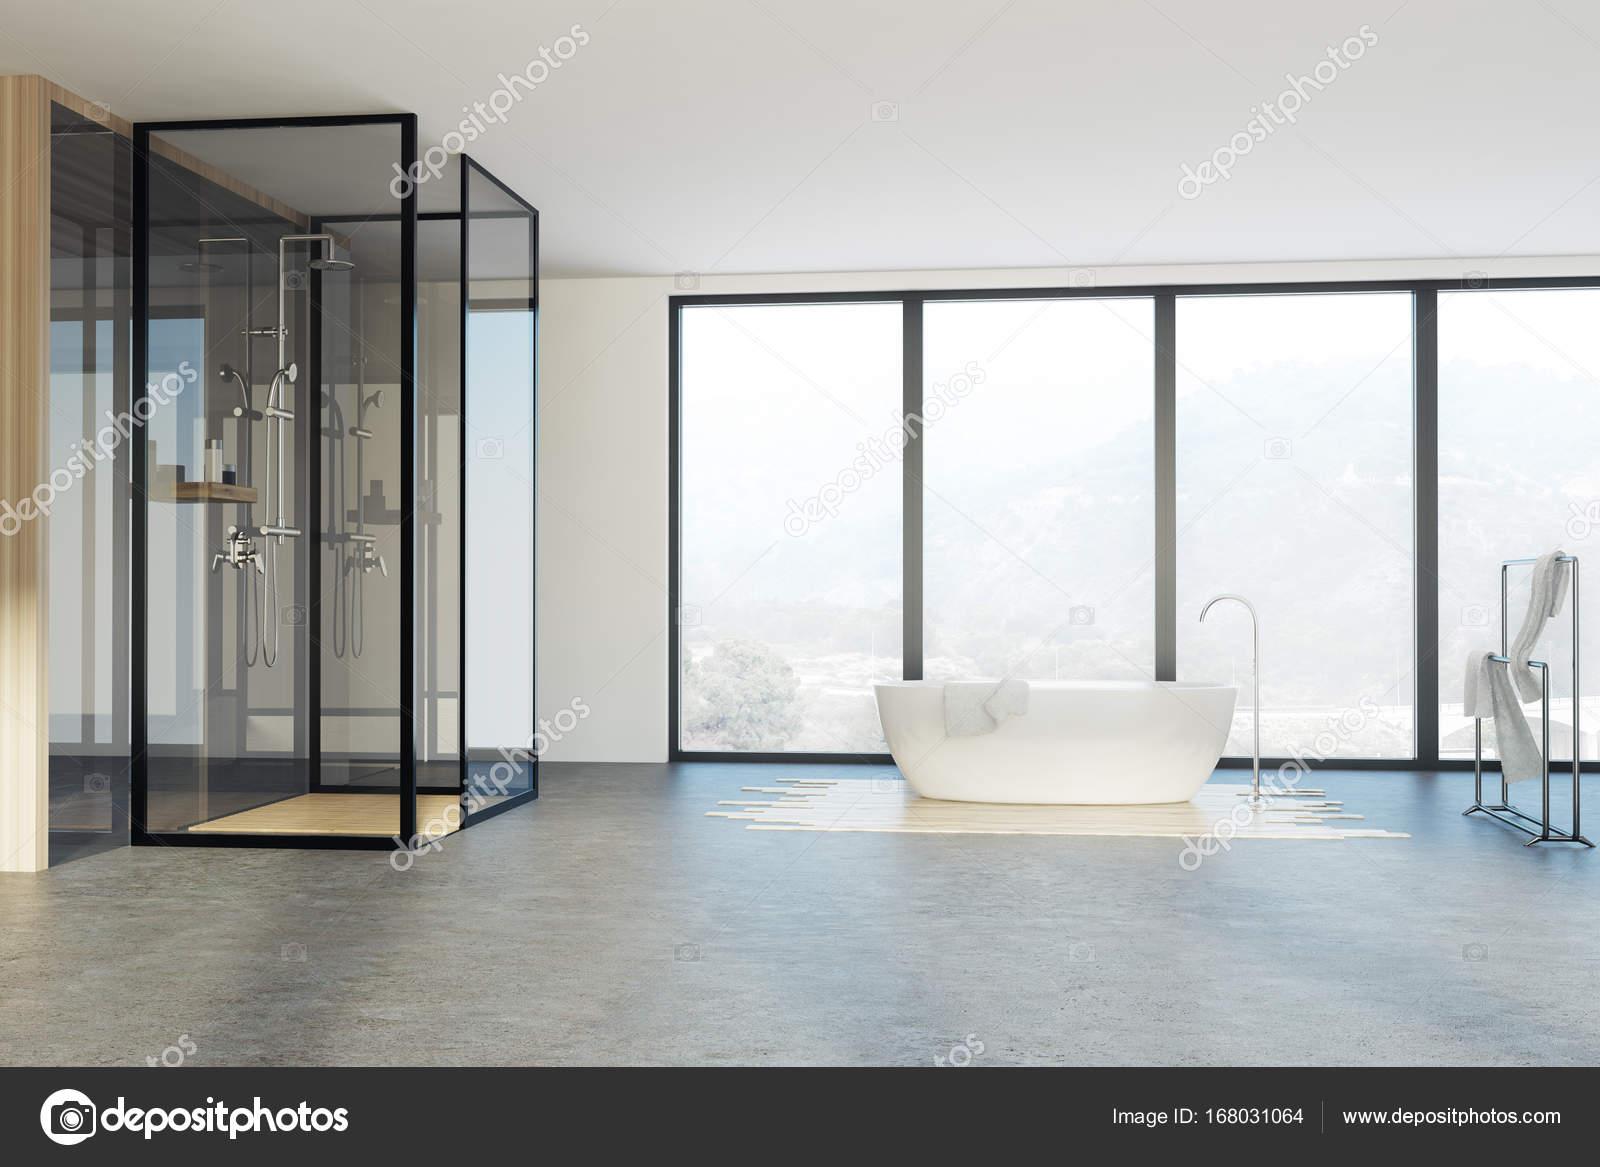 Na Poddaszu łazienka Prysznic I Wanna Zdjęcie Stockowe